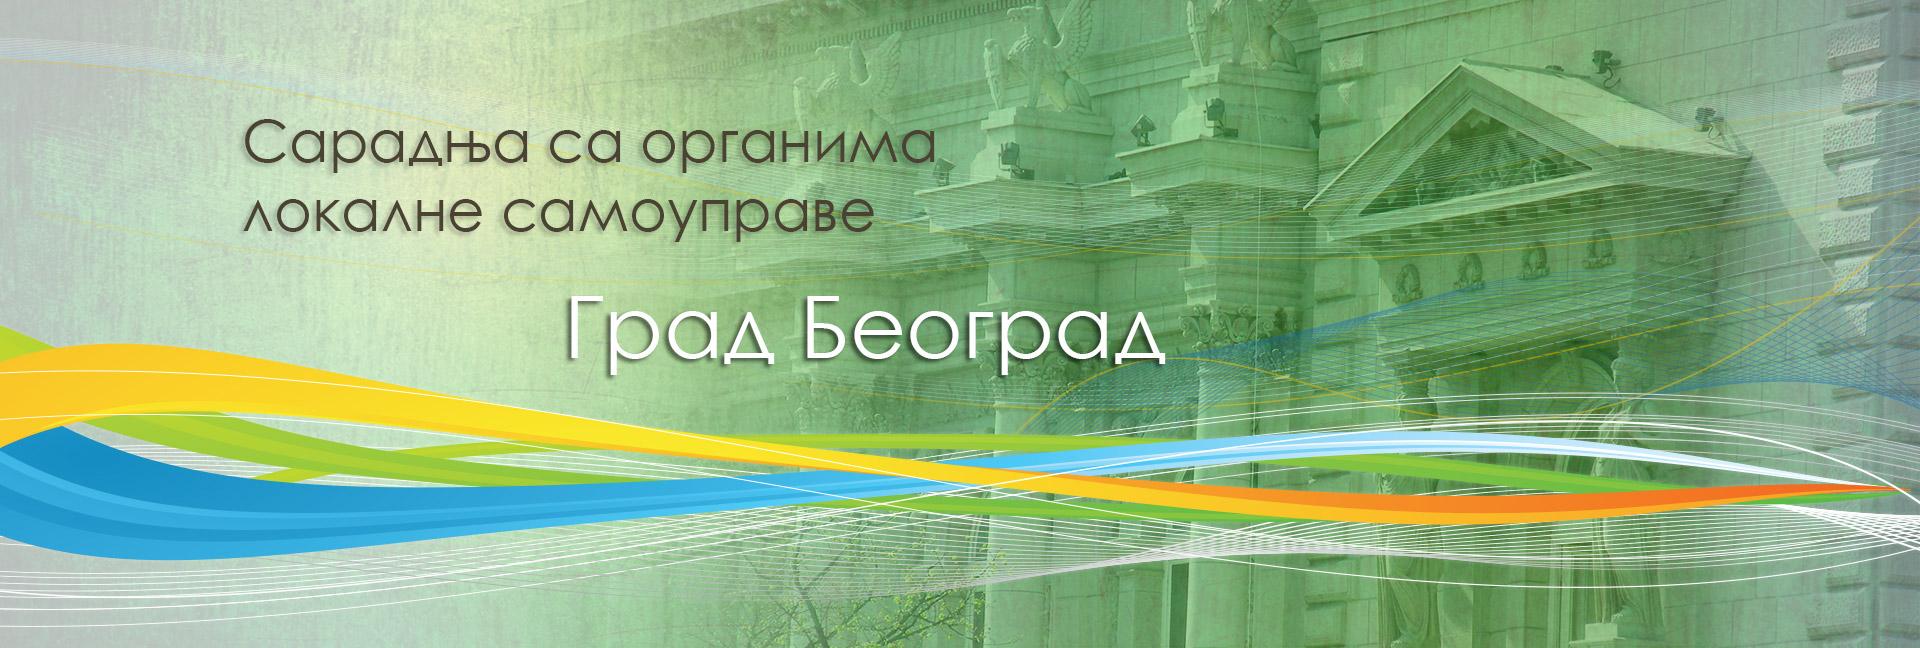 grad-beograd-knjigovodstvo